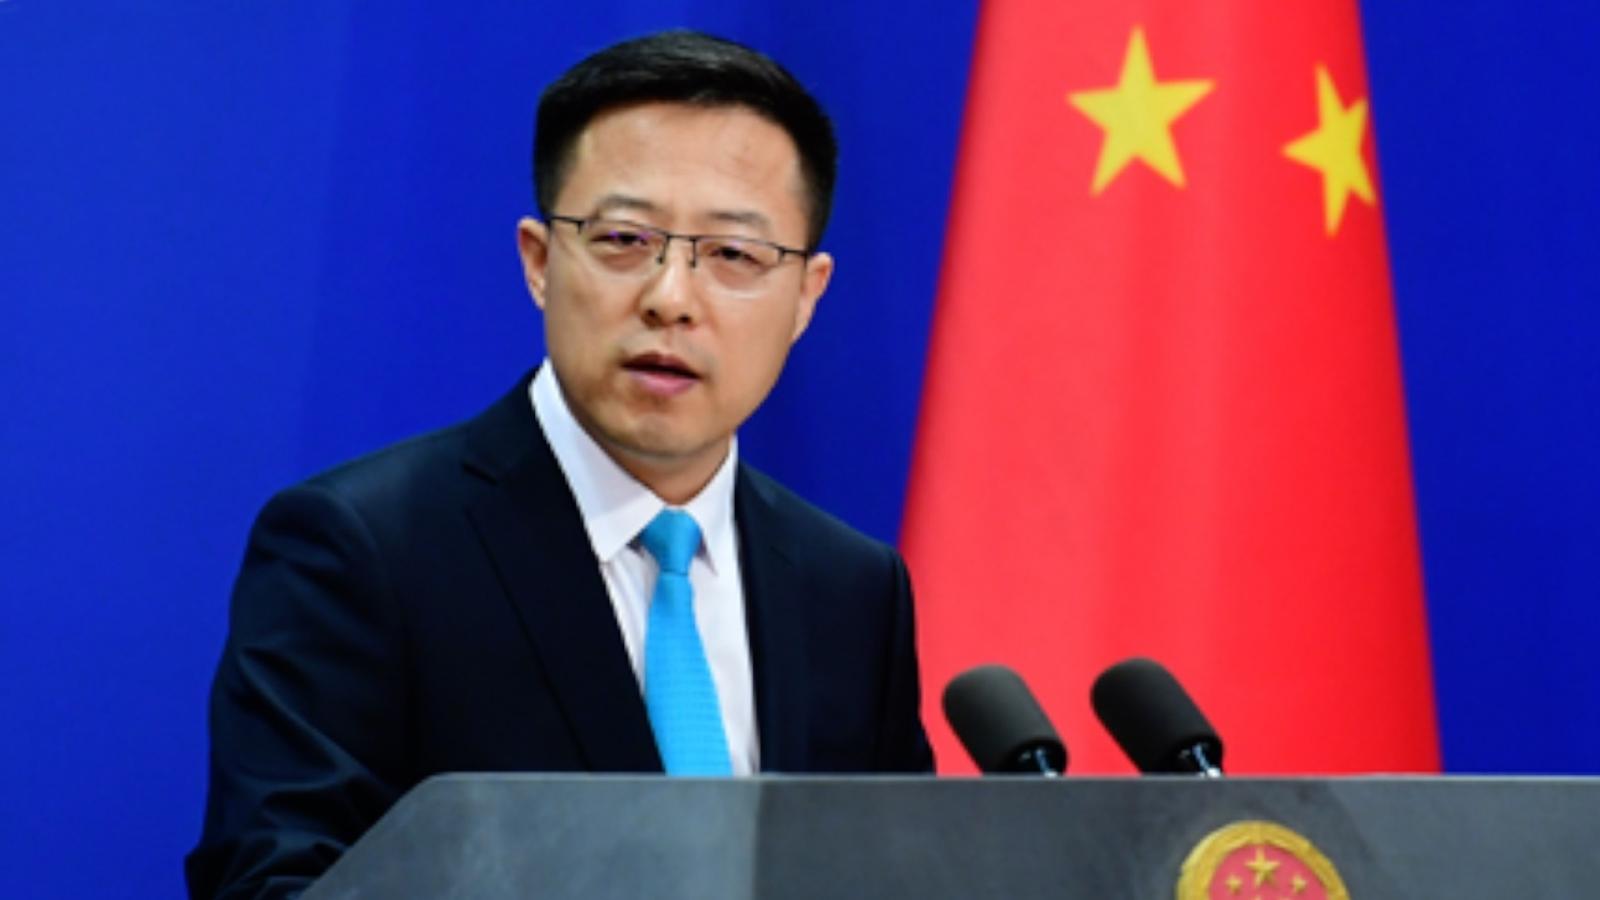 Trung Quốc đề xuất phương án mới điều tra nguồn gốc Covid-19